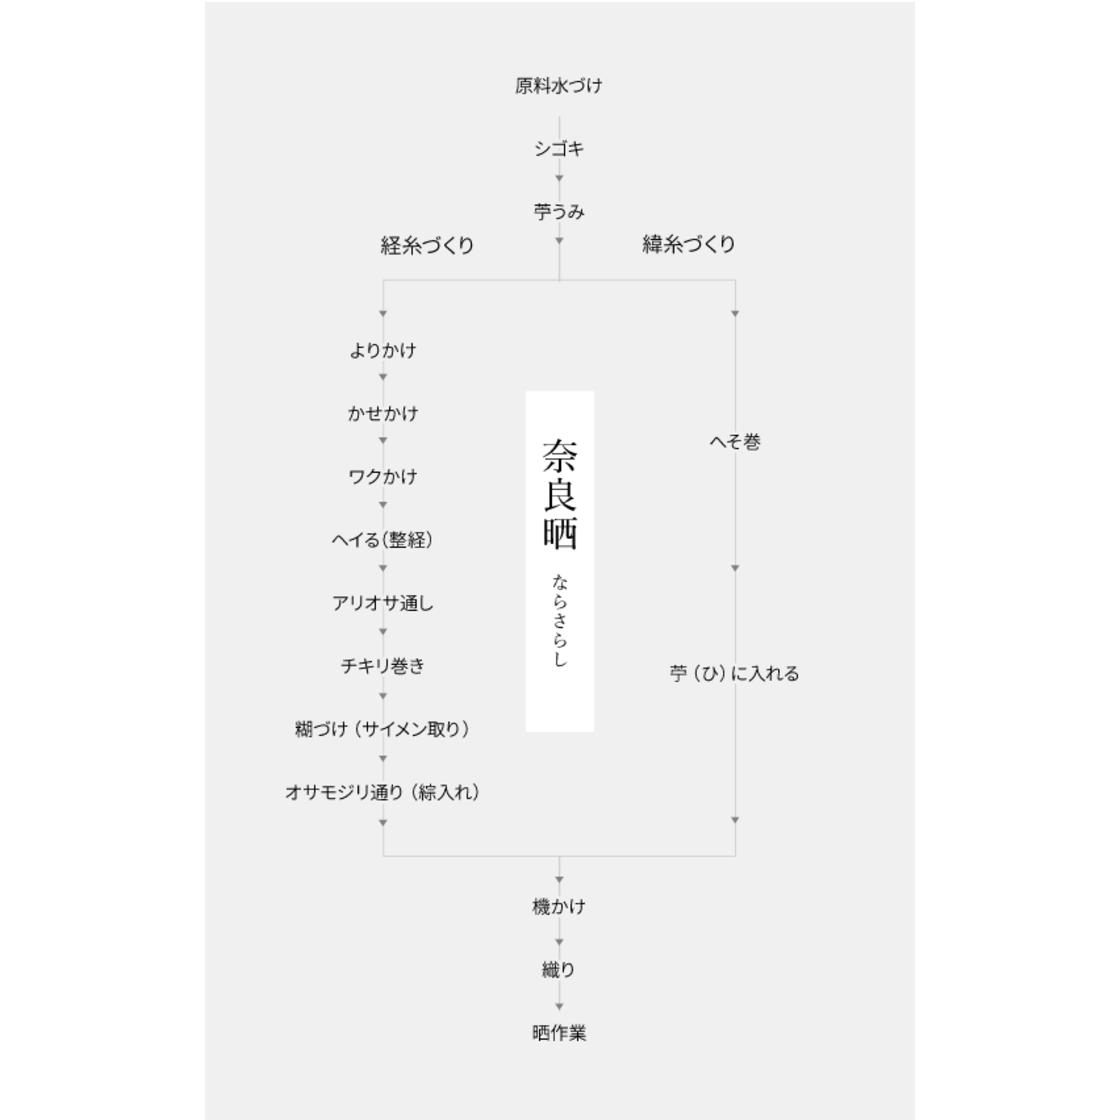 奈良晒の製造工程